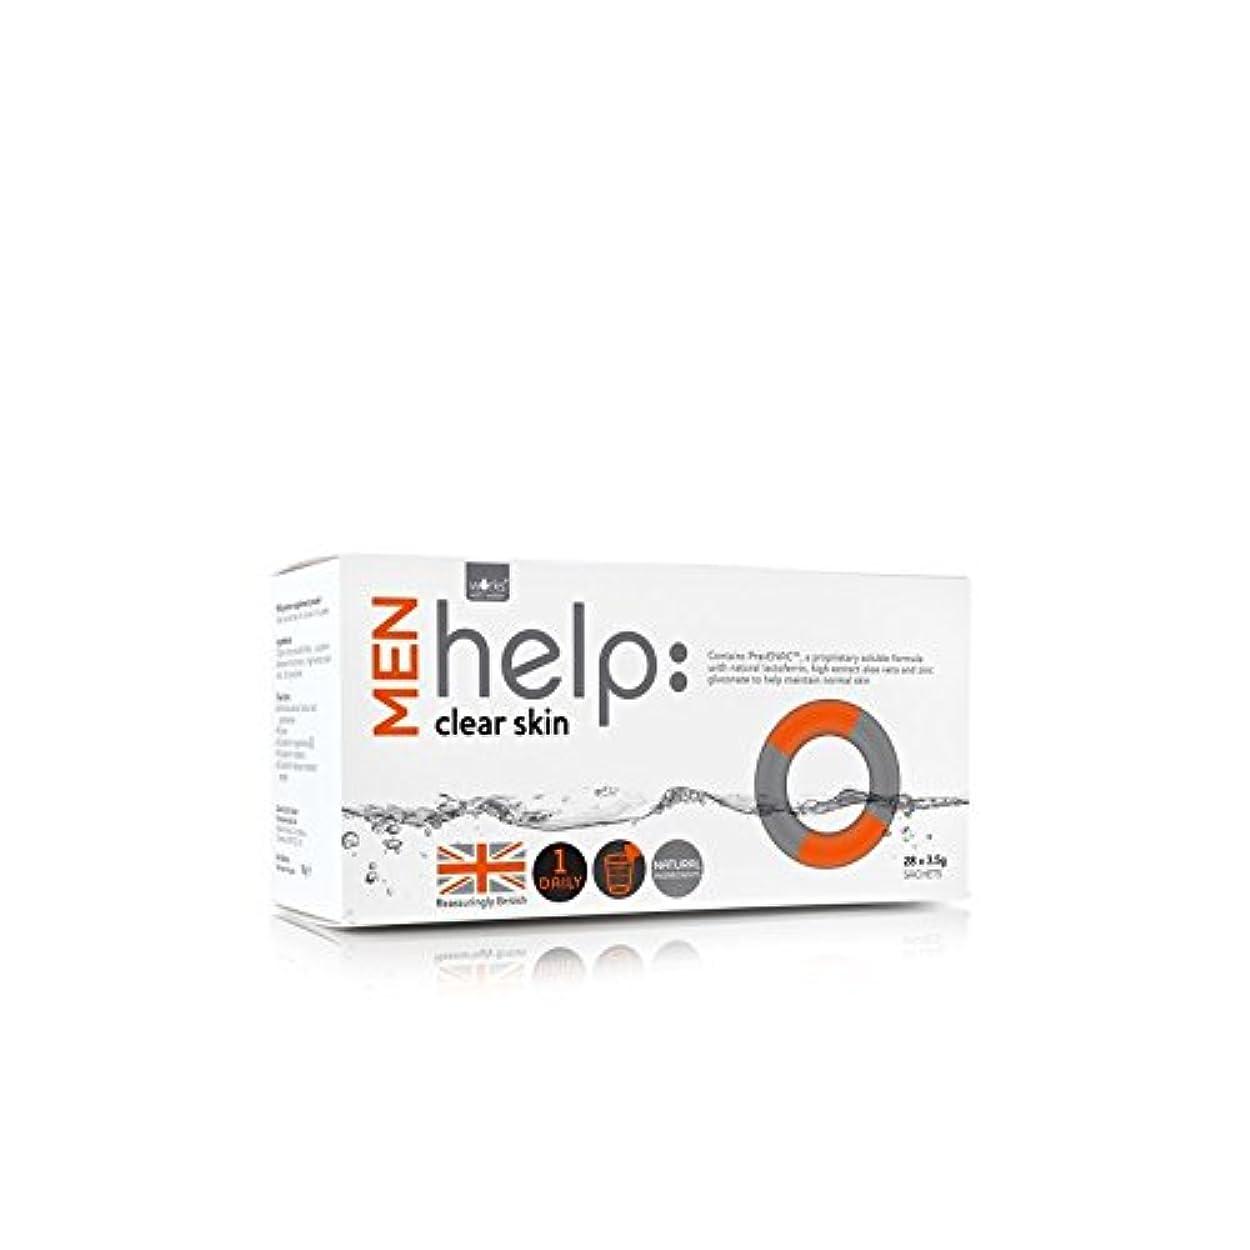 取り囲むリーフレットチートWorks With Water Men's Help: Clear Skin Soluble Supplement (28 X 3.5G) - クリアな肌可溶性サプリメント(28 3.5グラム):水男性の助けを借りて動作...